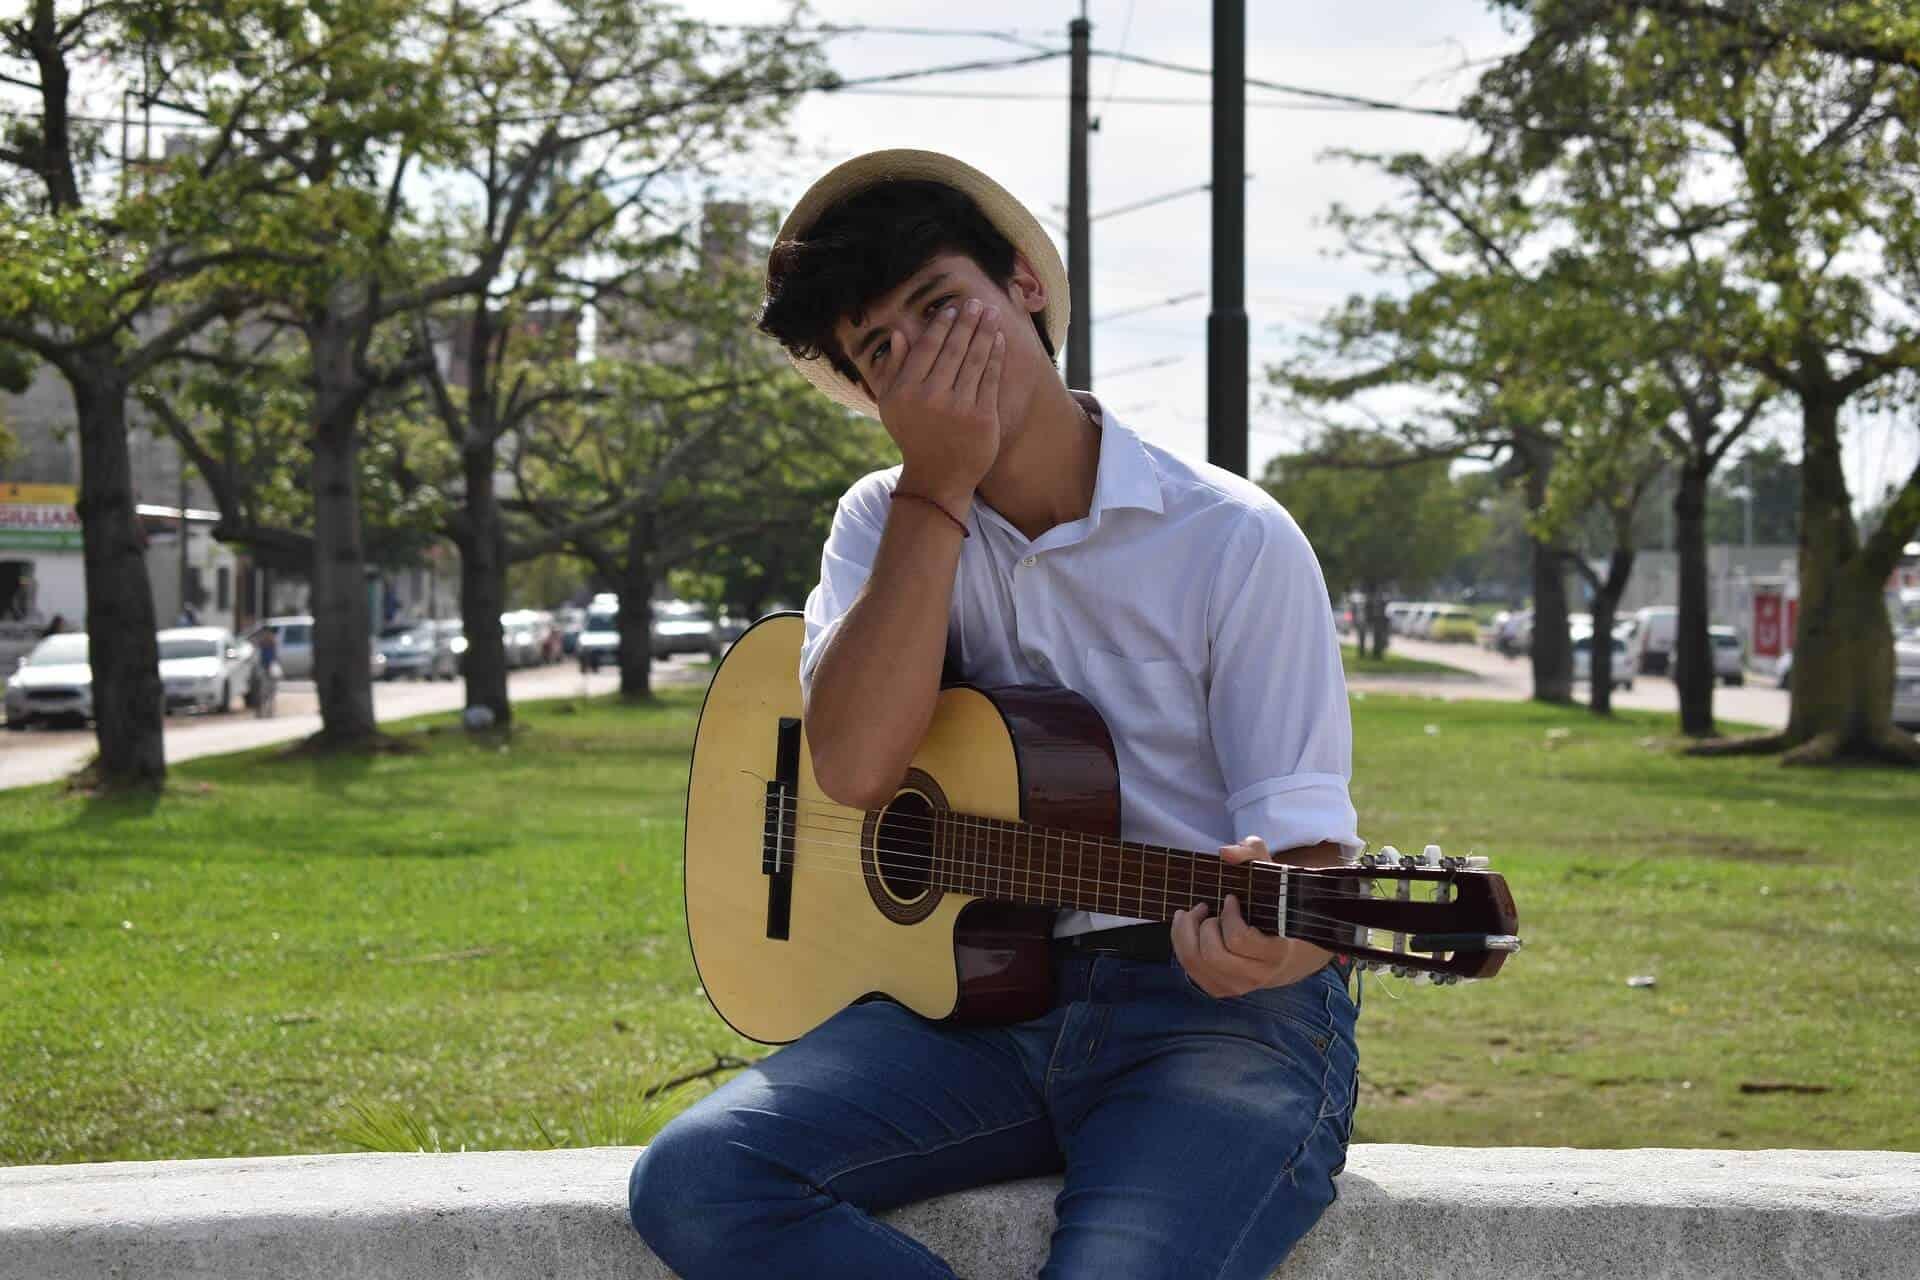 גיטריסט מאוכזב עקב איבוד האינטונציה של הגיטרה